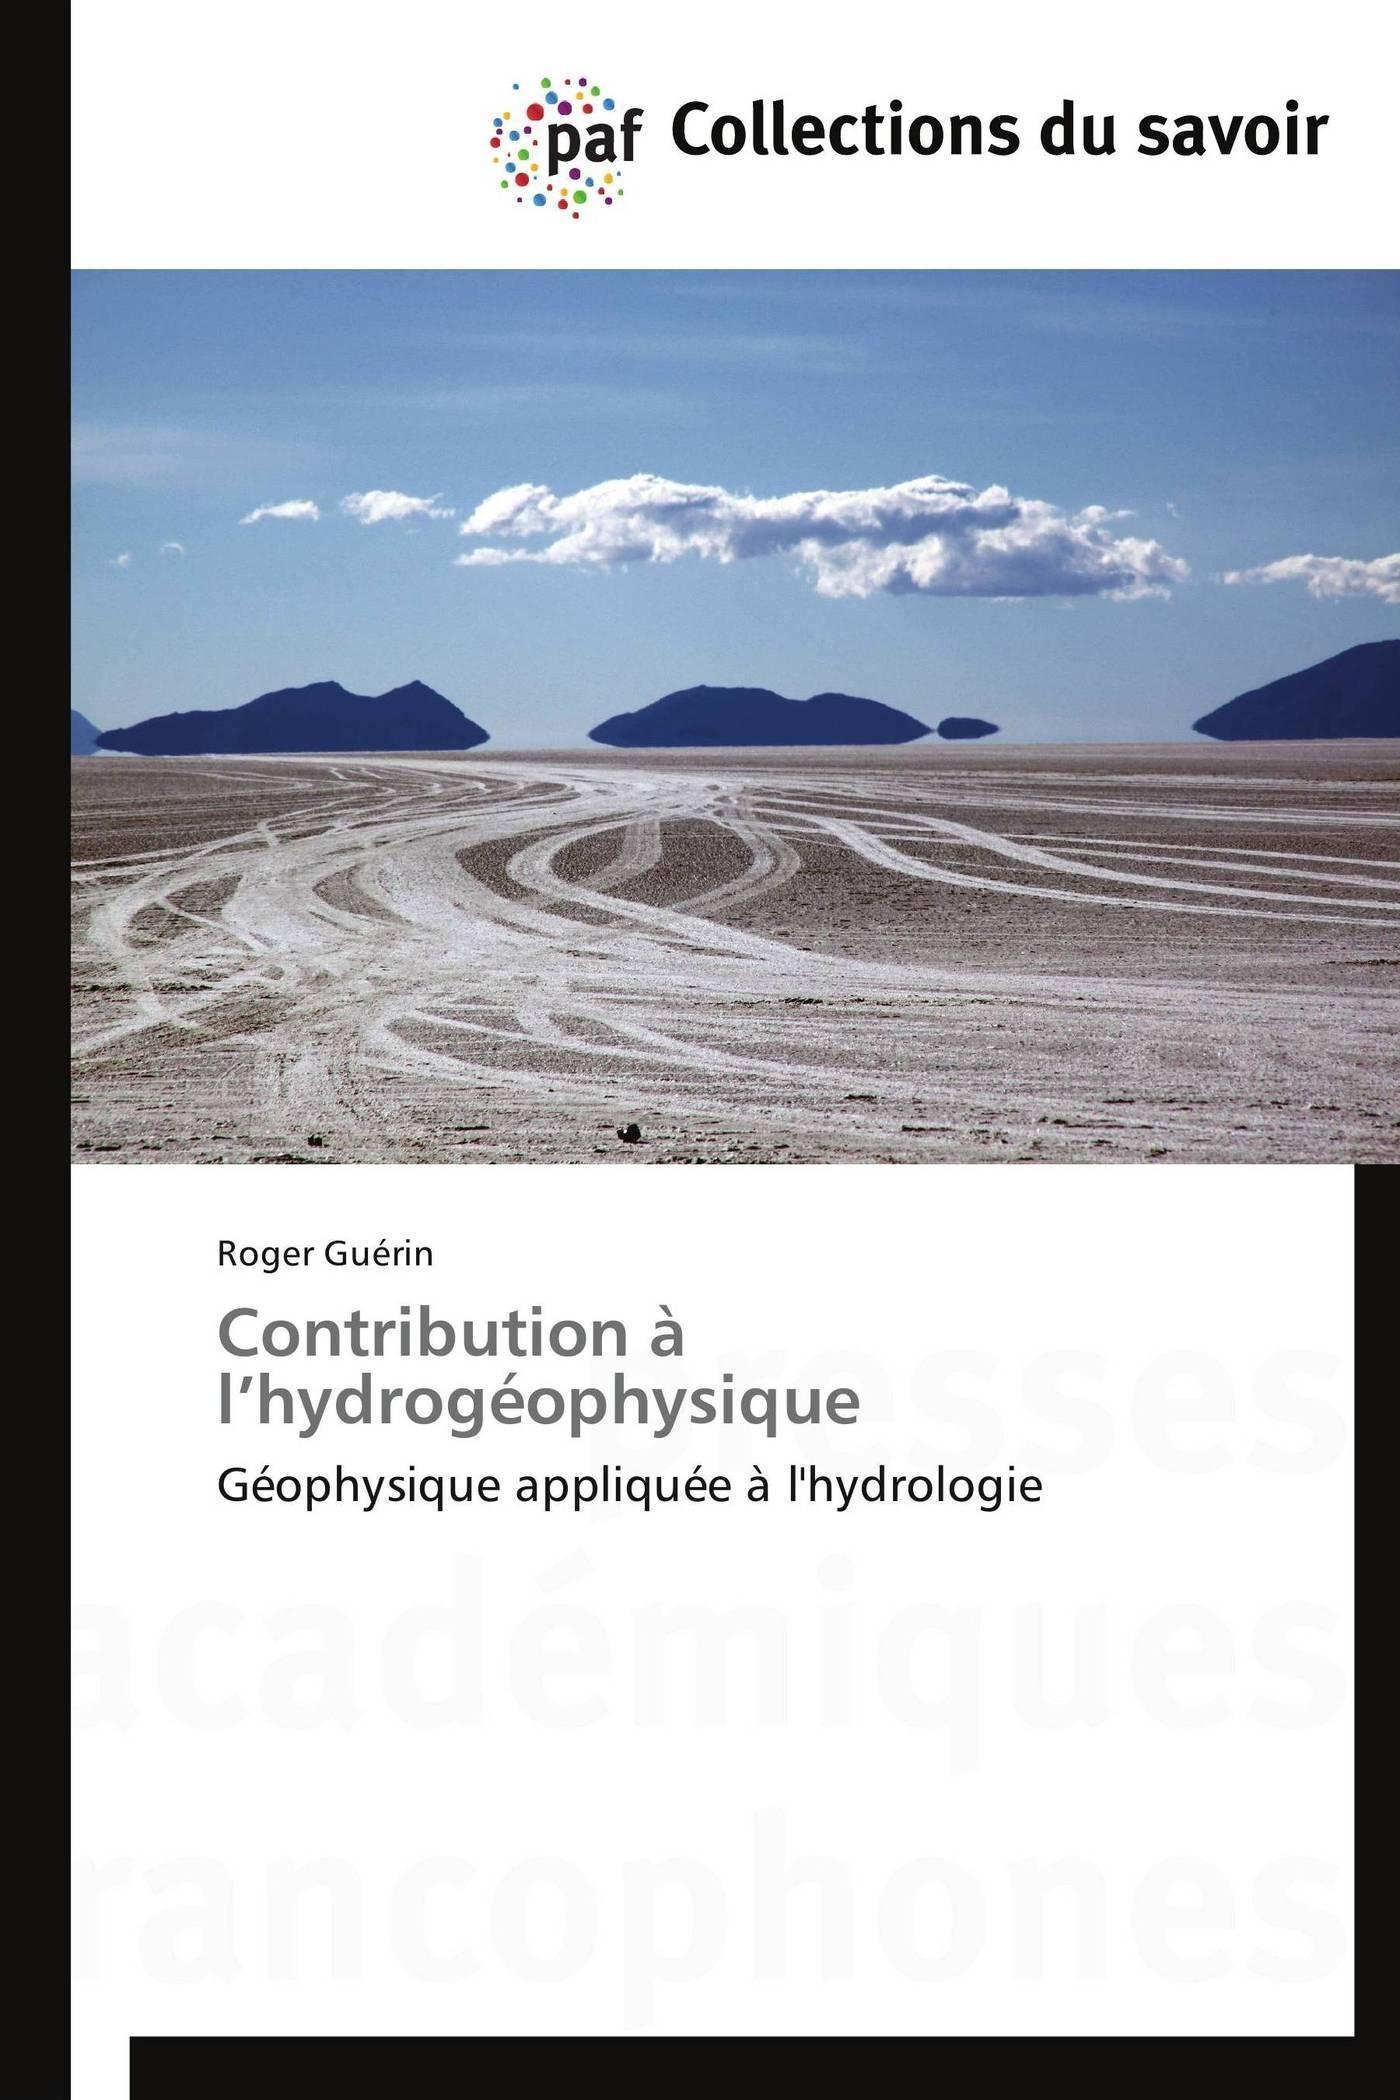 CONTRIBUTION A L HYDROGEOPHYSIQUE